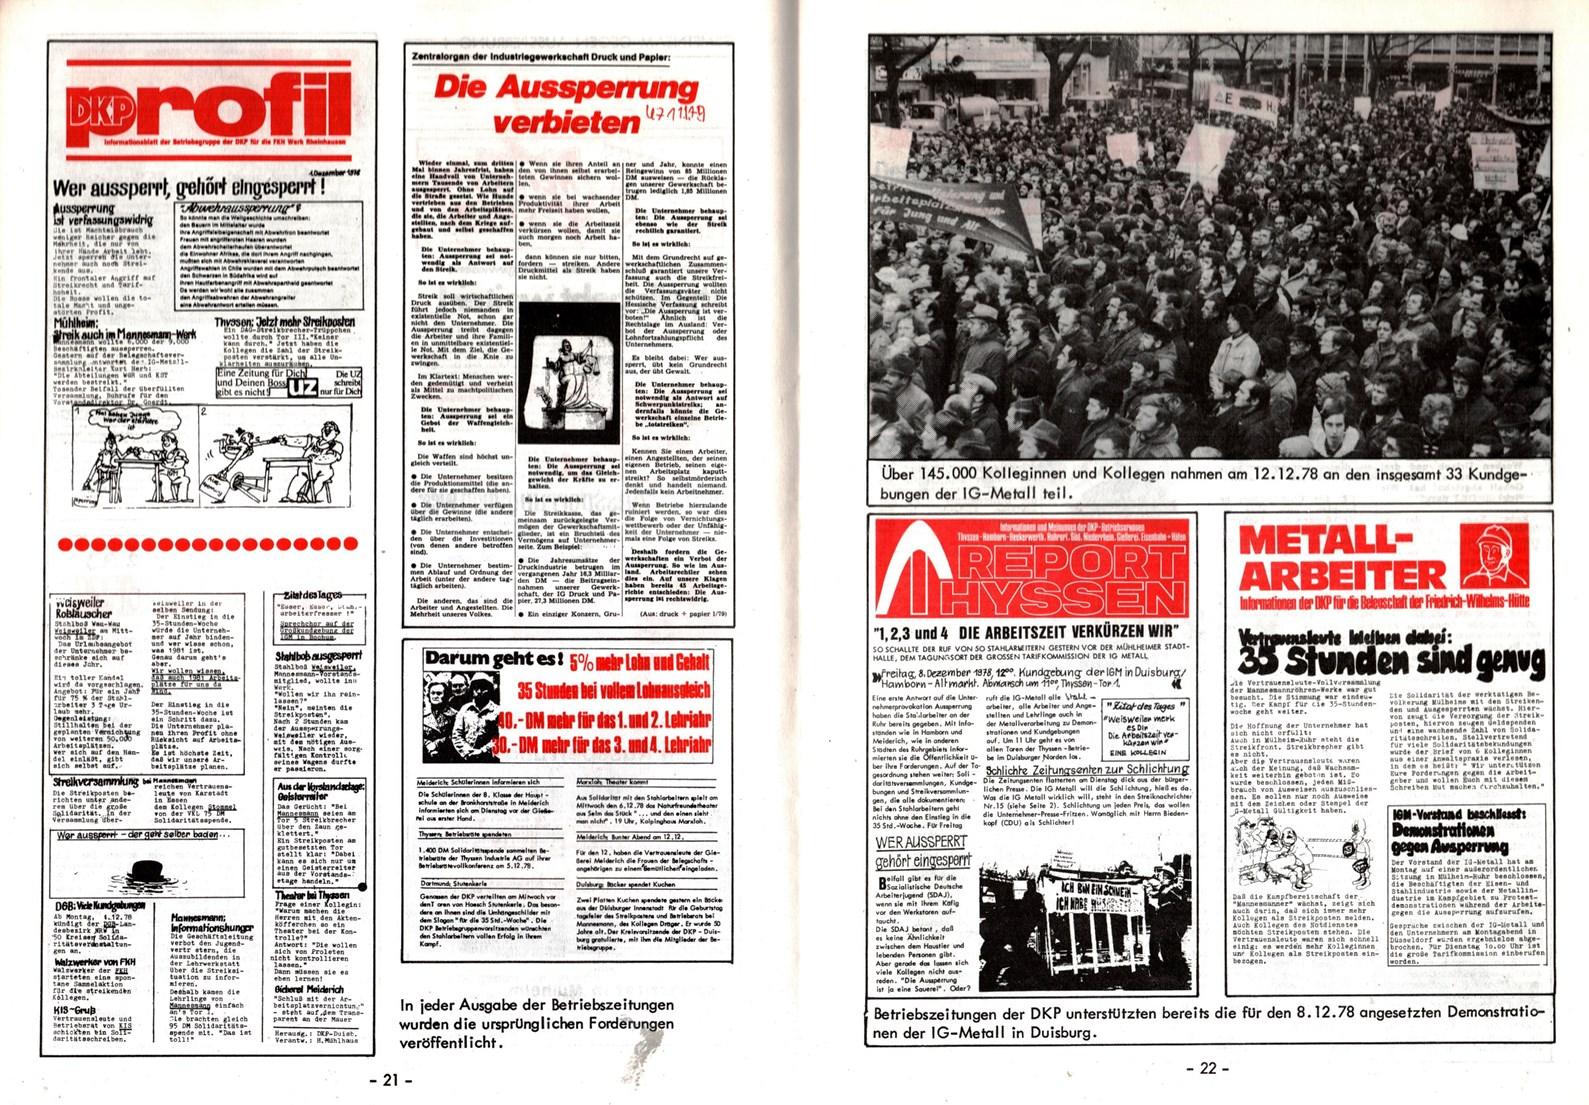 NRW_DKP_Stahlarbeiterstreik_1978_1979_012